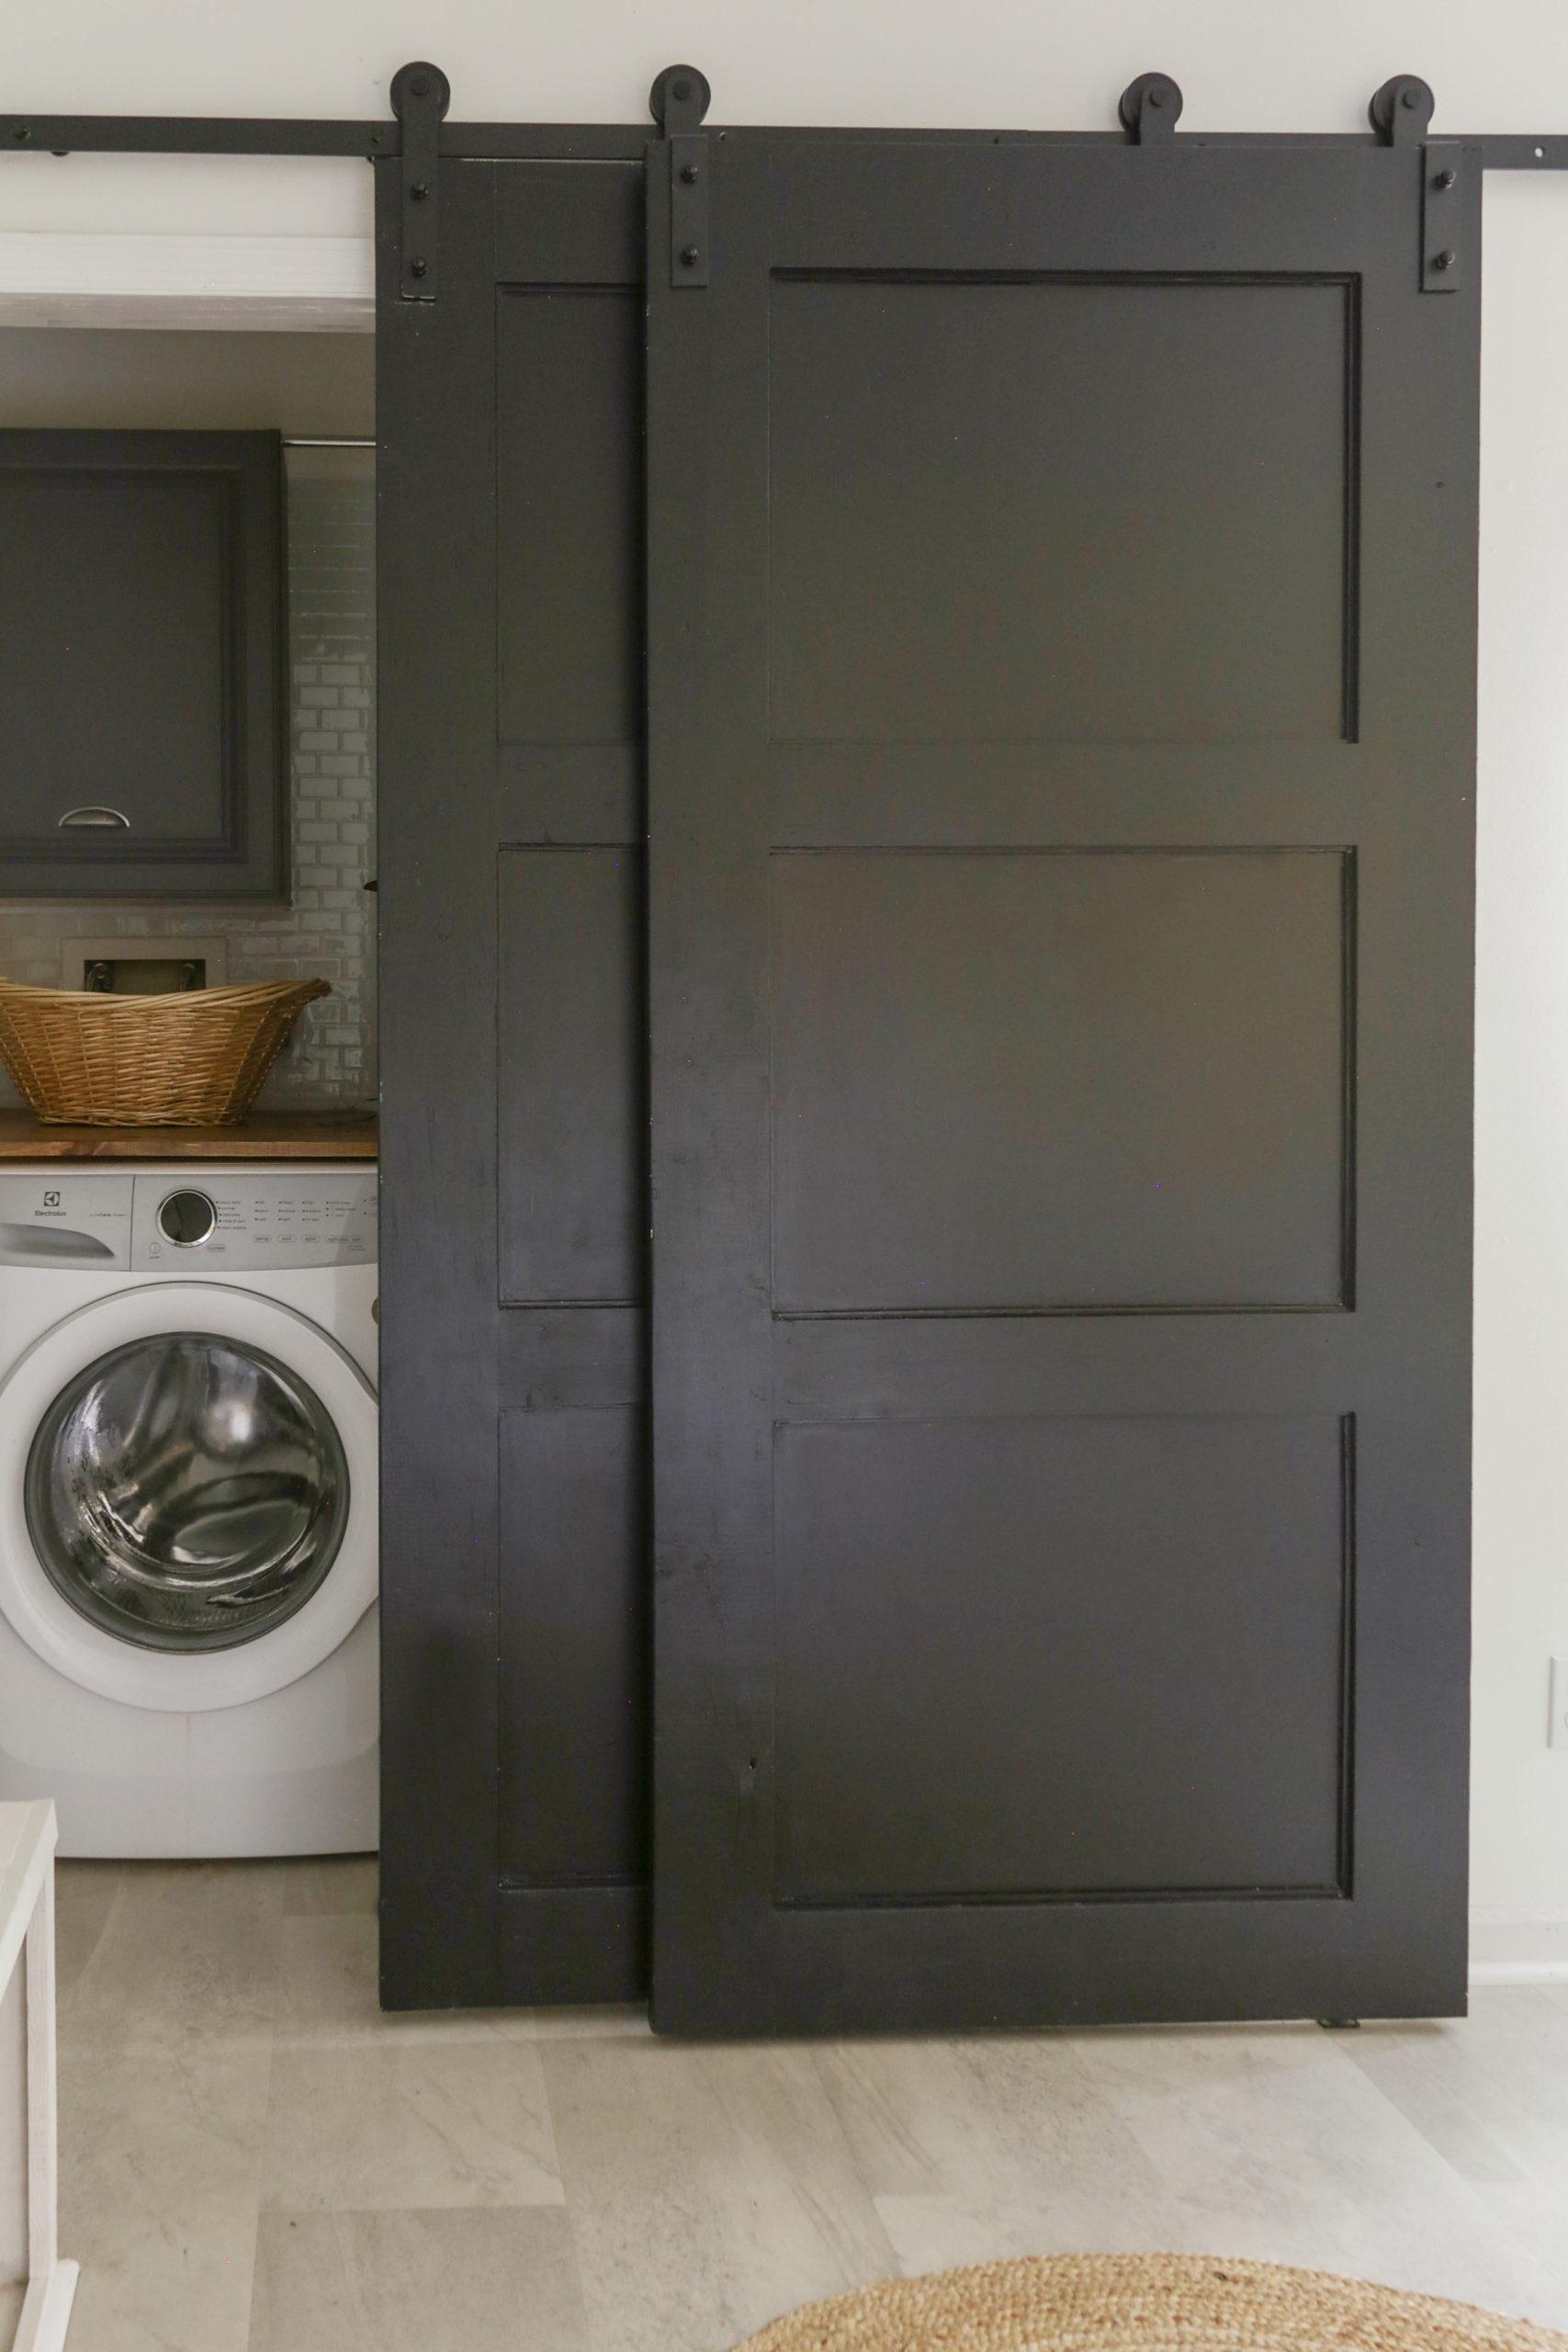 Diy Sliding Barn Door To Replace Bi Fold Closet Doors Cheap And Easy